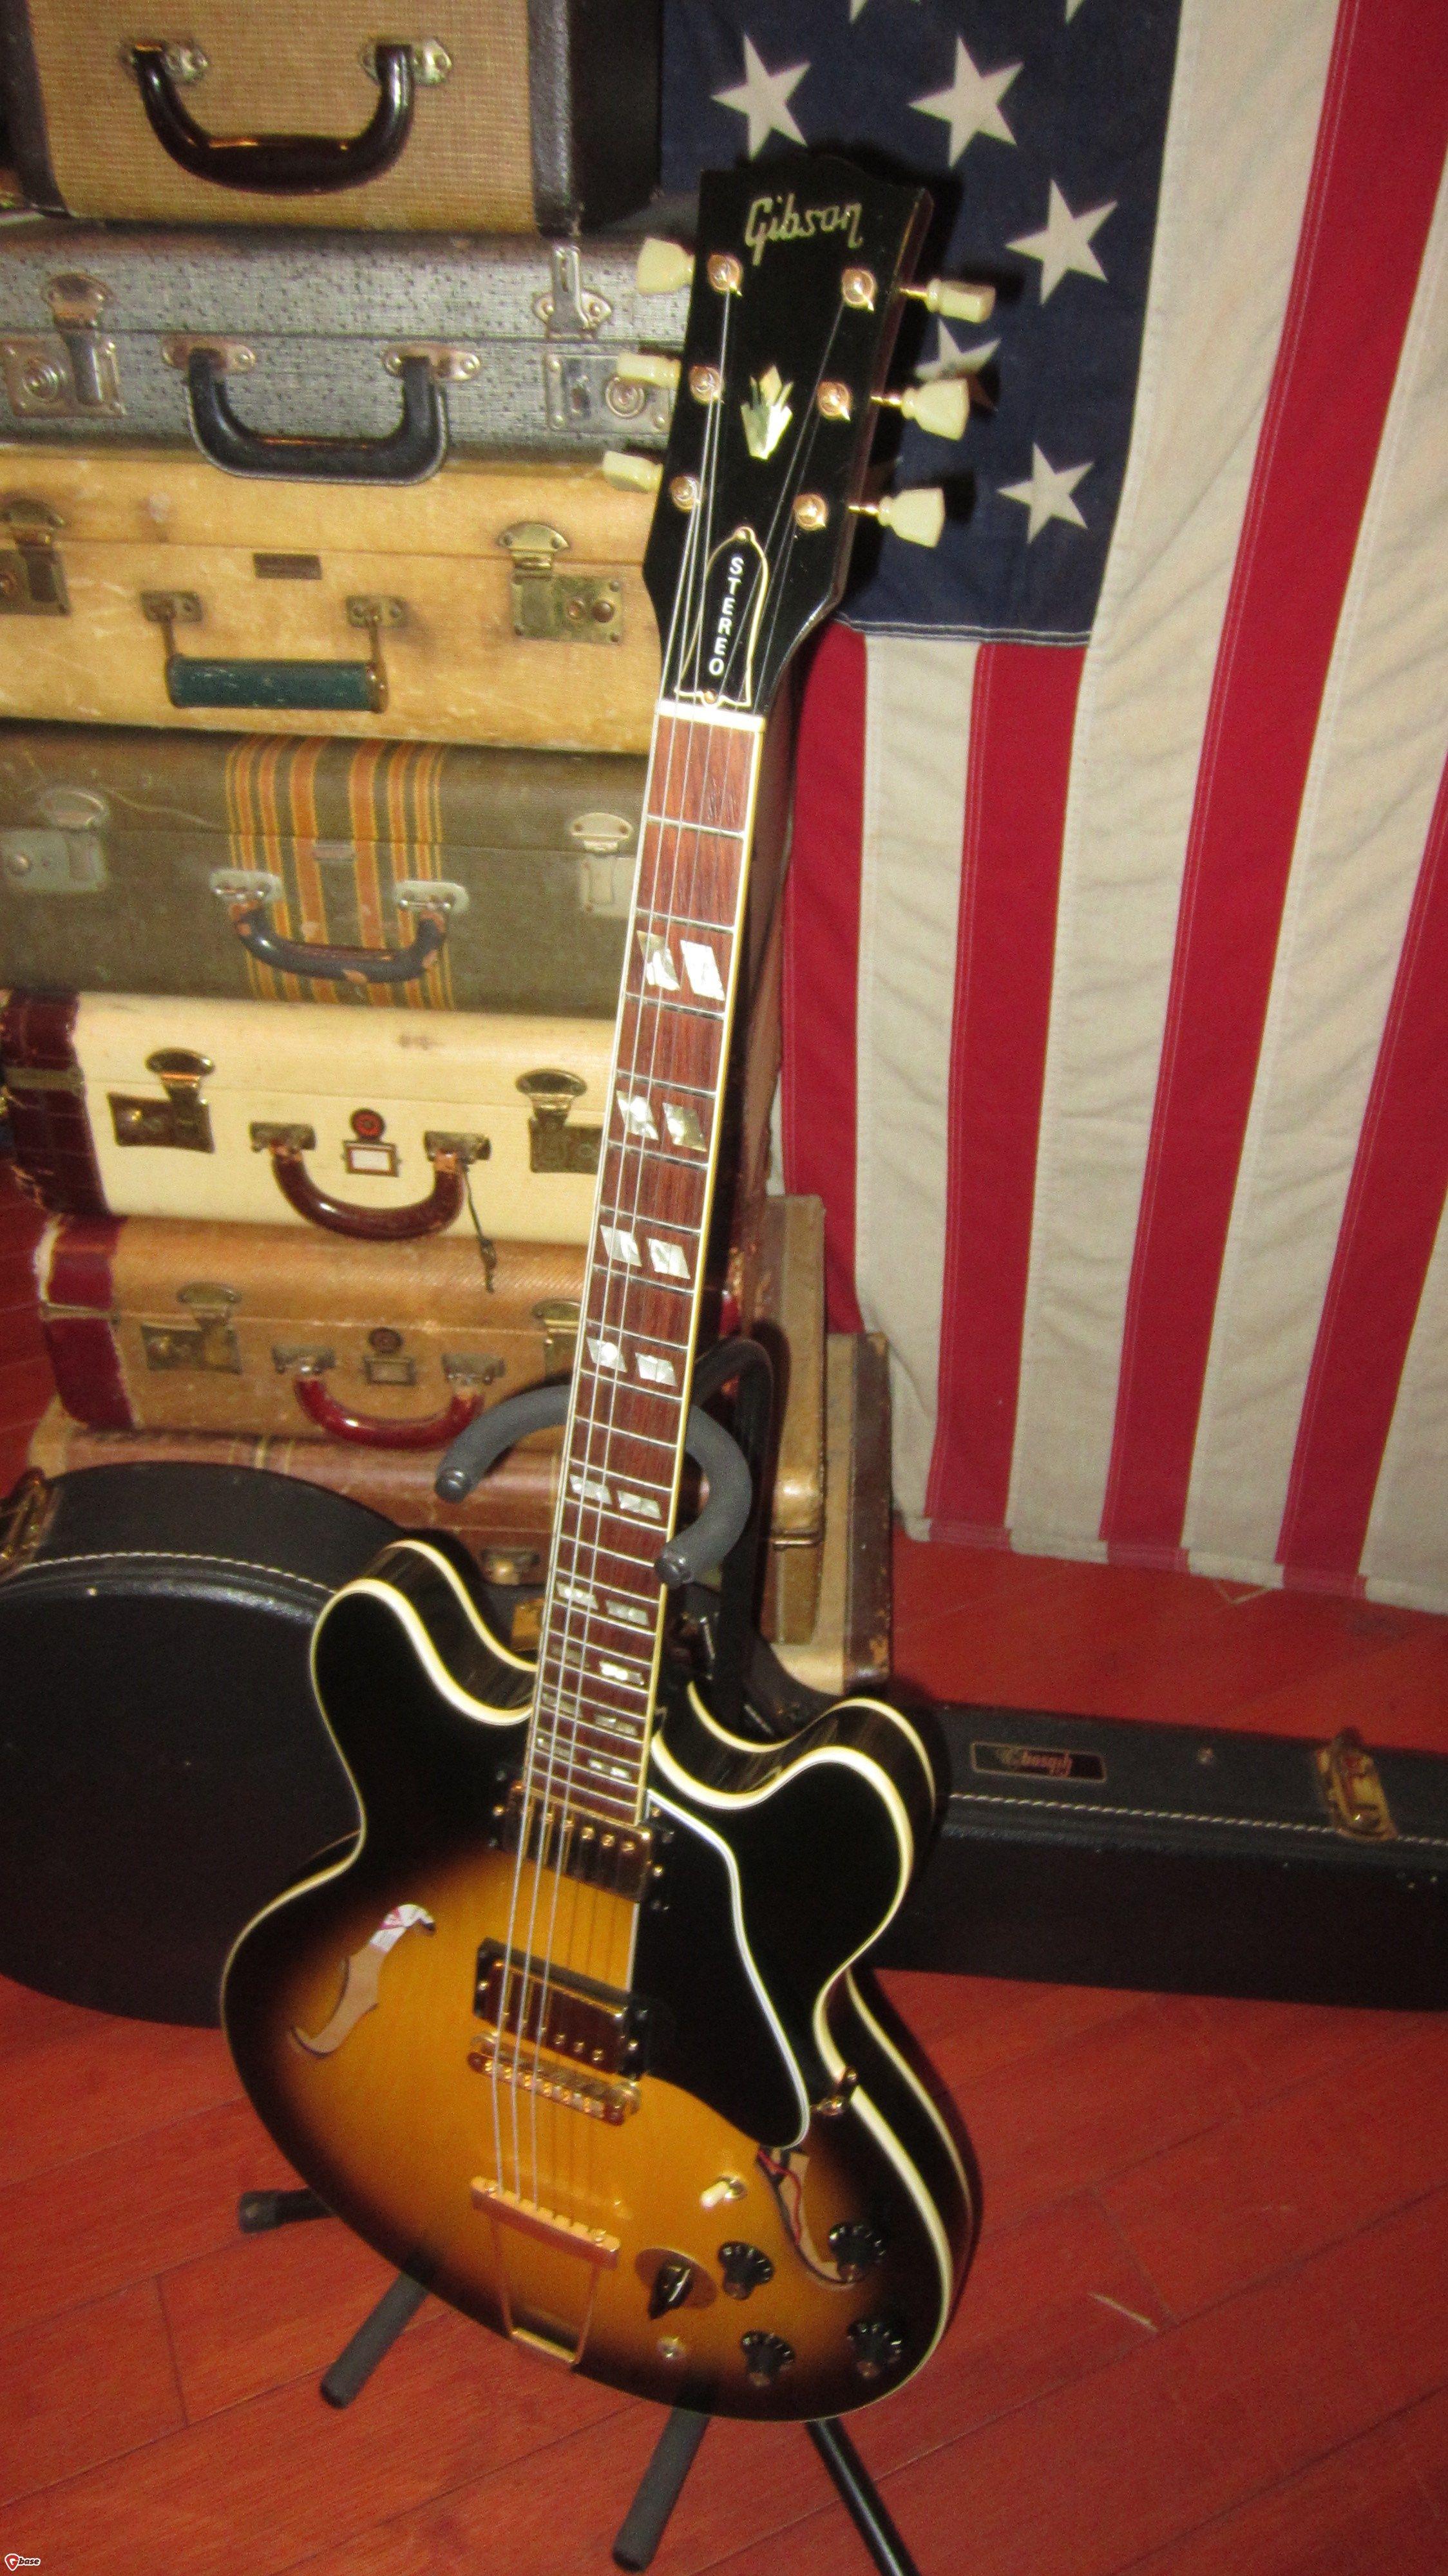 1973 Gibson Es 345 Sunburst Guitar Classic Guitar Guitar Amp